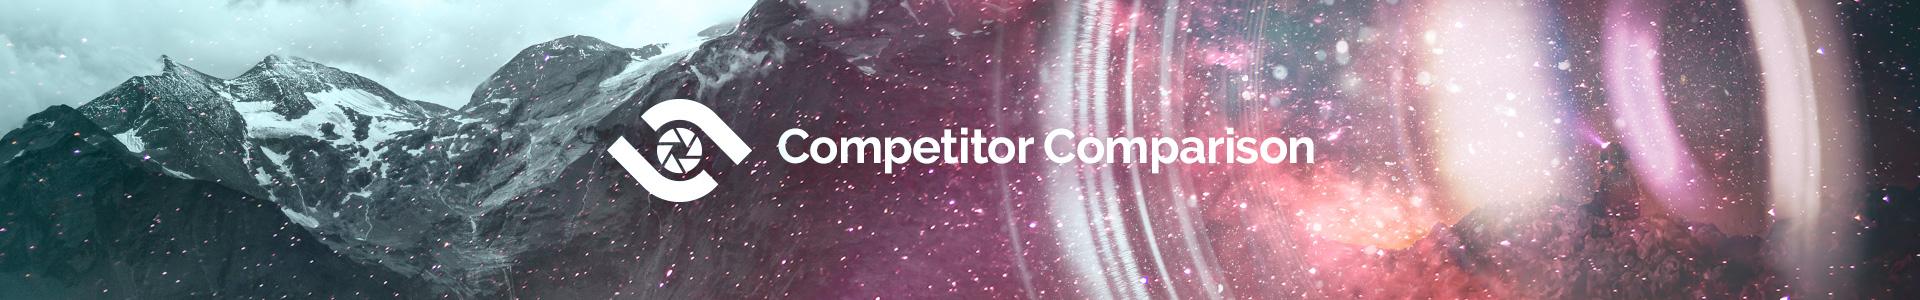 Competitor Comparison Banner EN